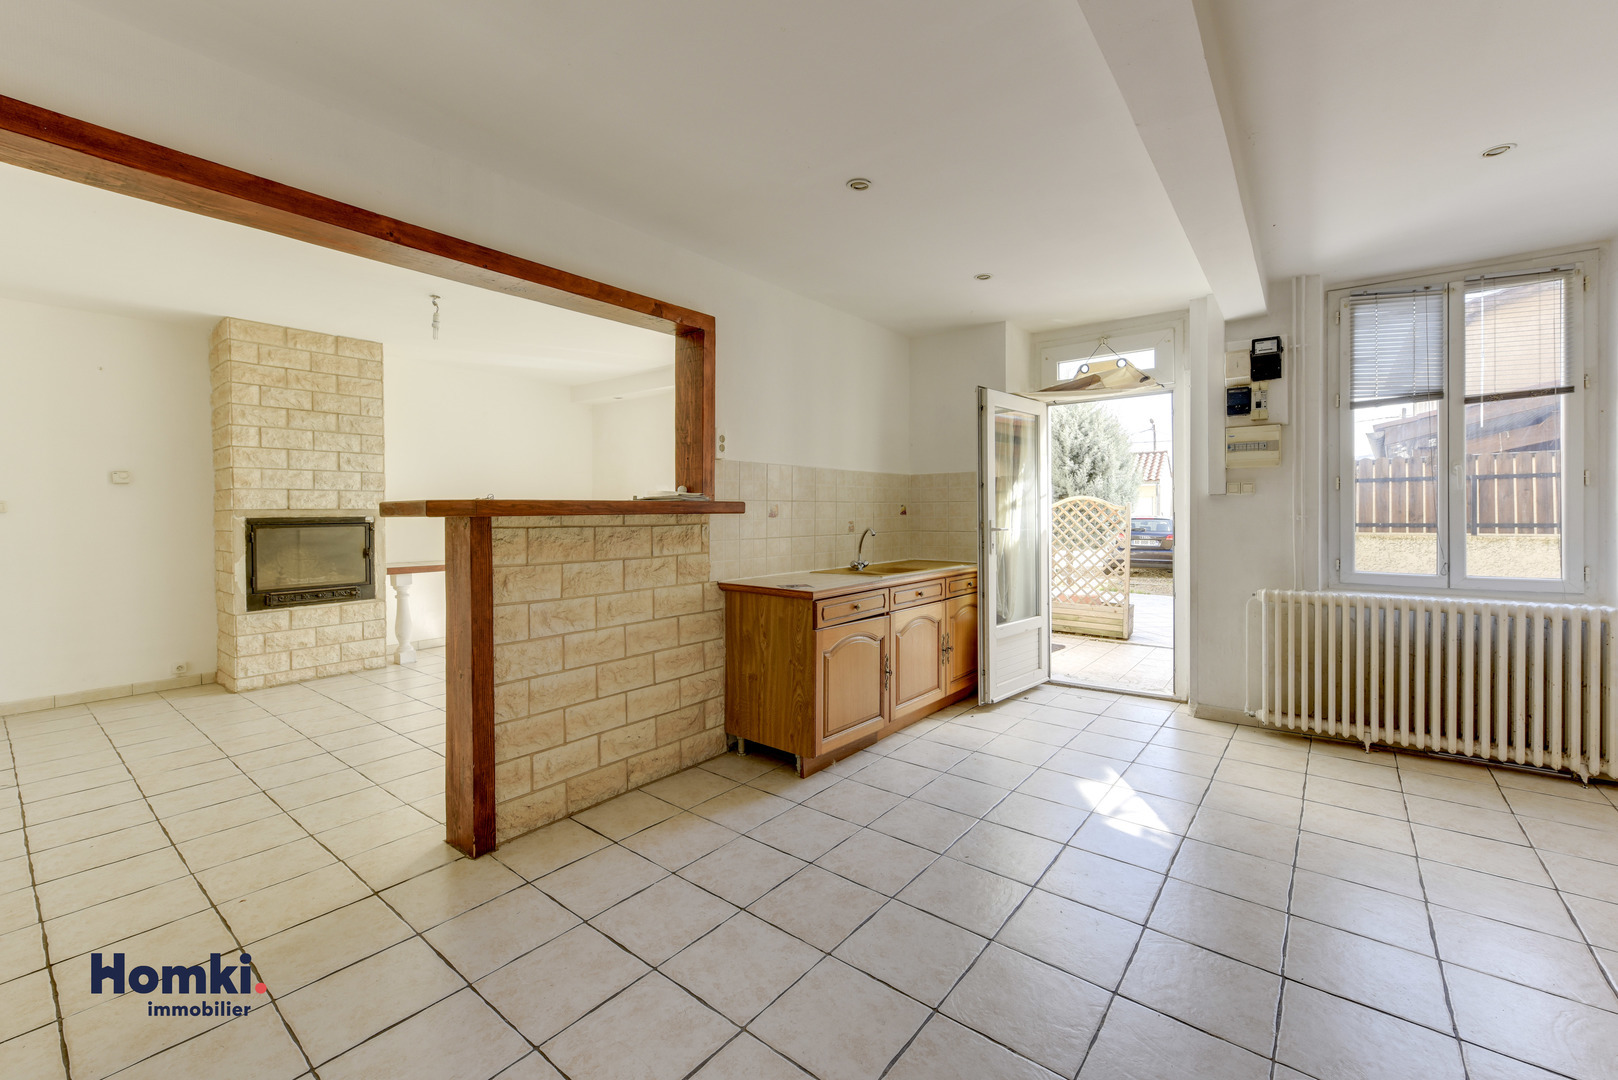 Maison I 113 m² I T4 I 38670 | photo 2